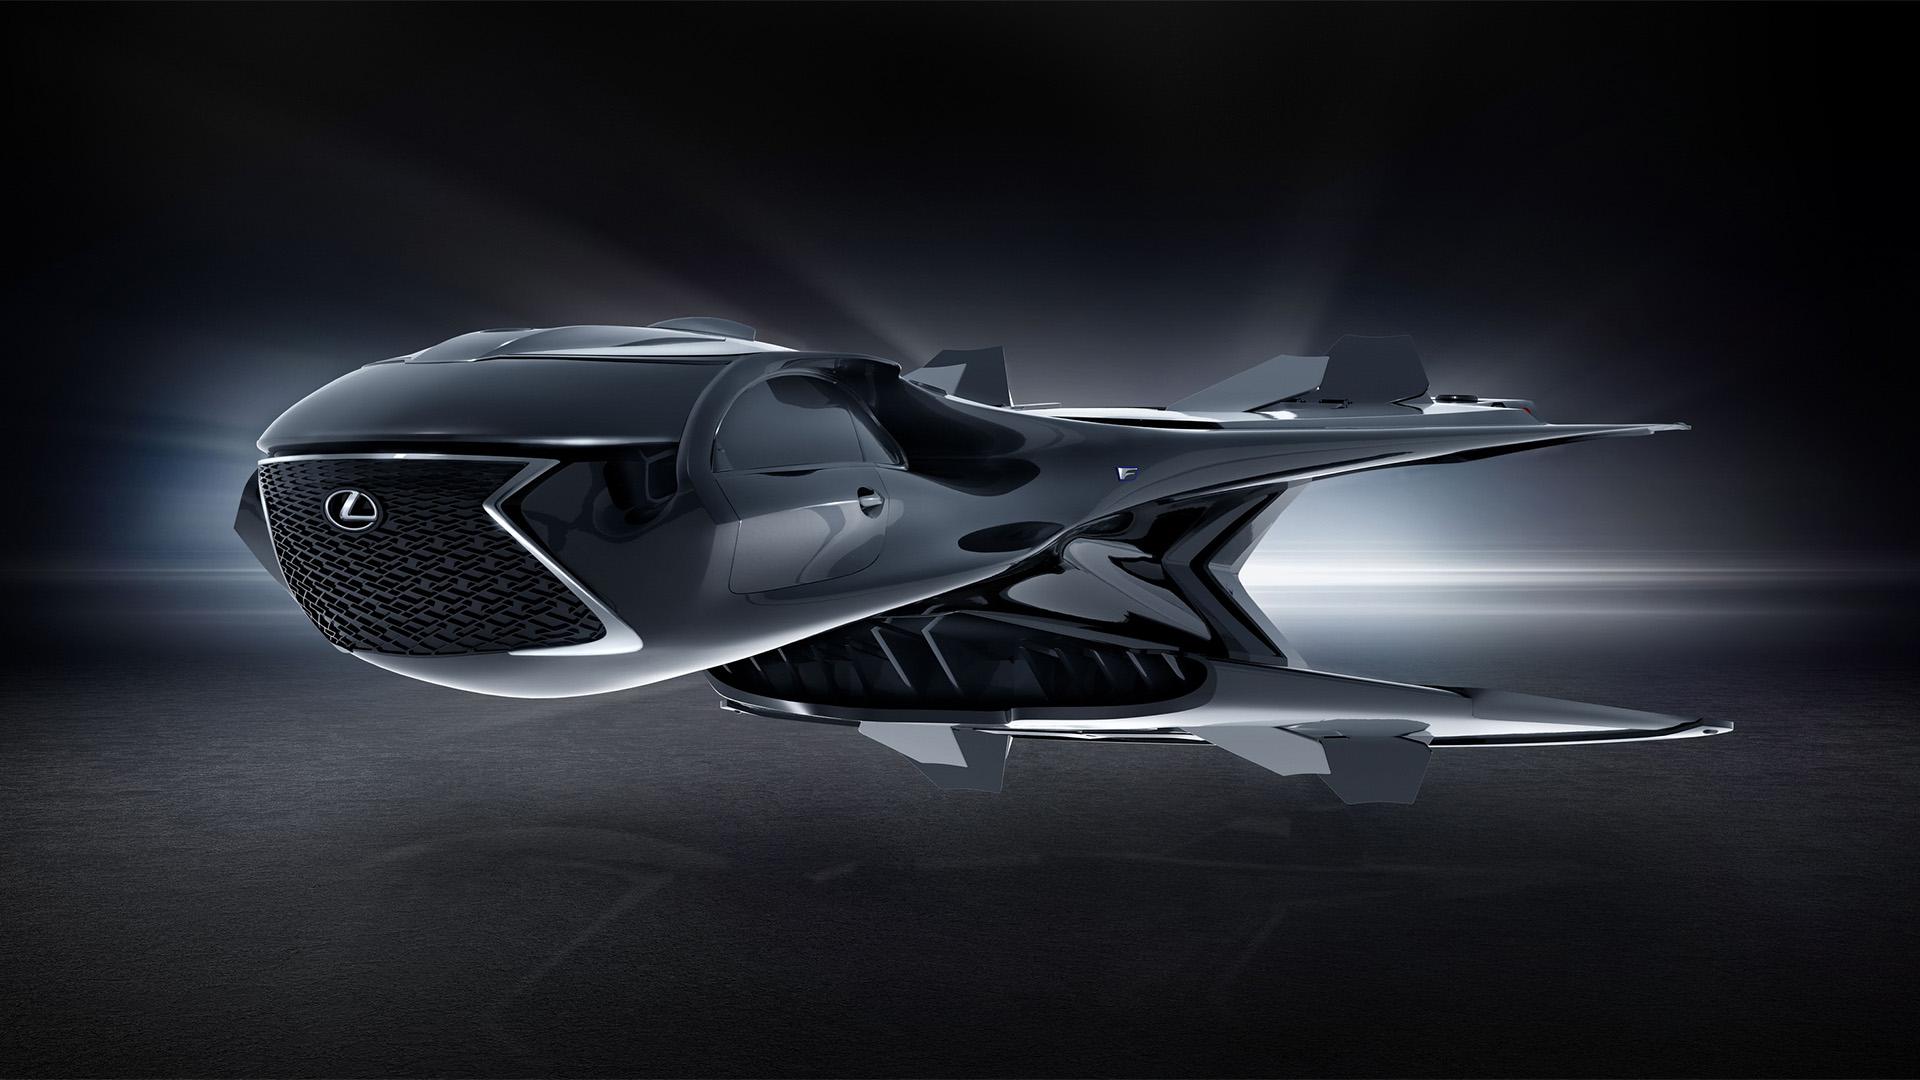 13 2019 021 Waarom Lexus meer dan een autofabrikant is 1920x1080 galerij